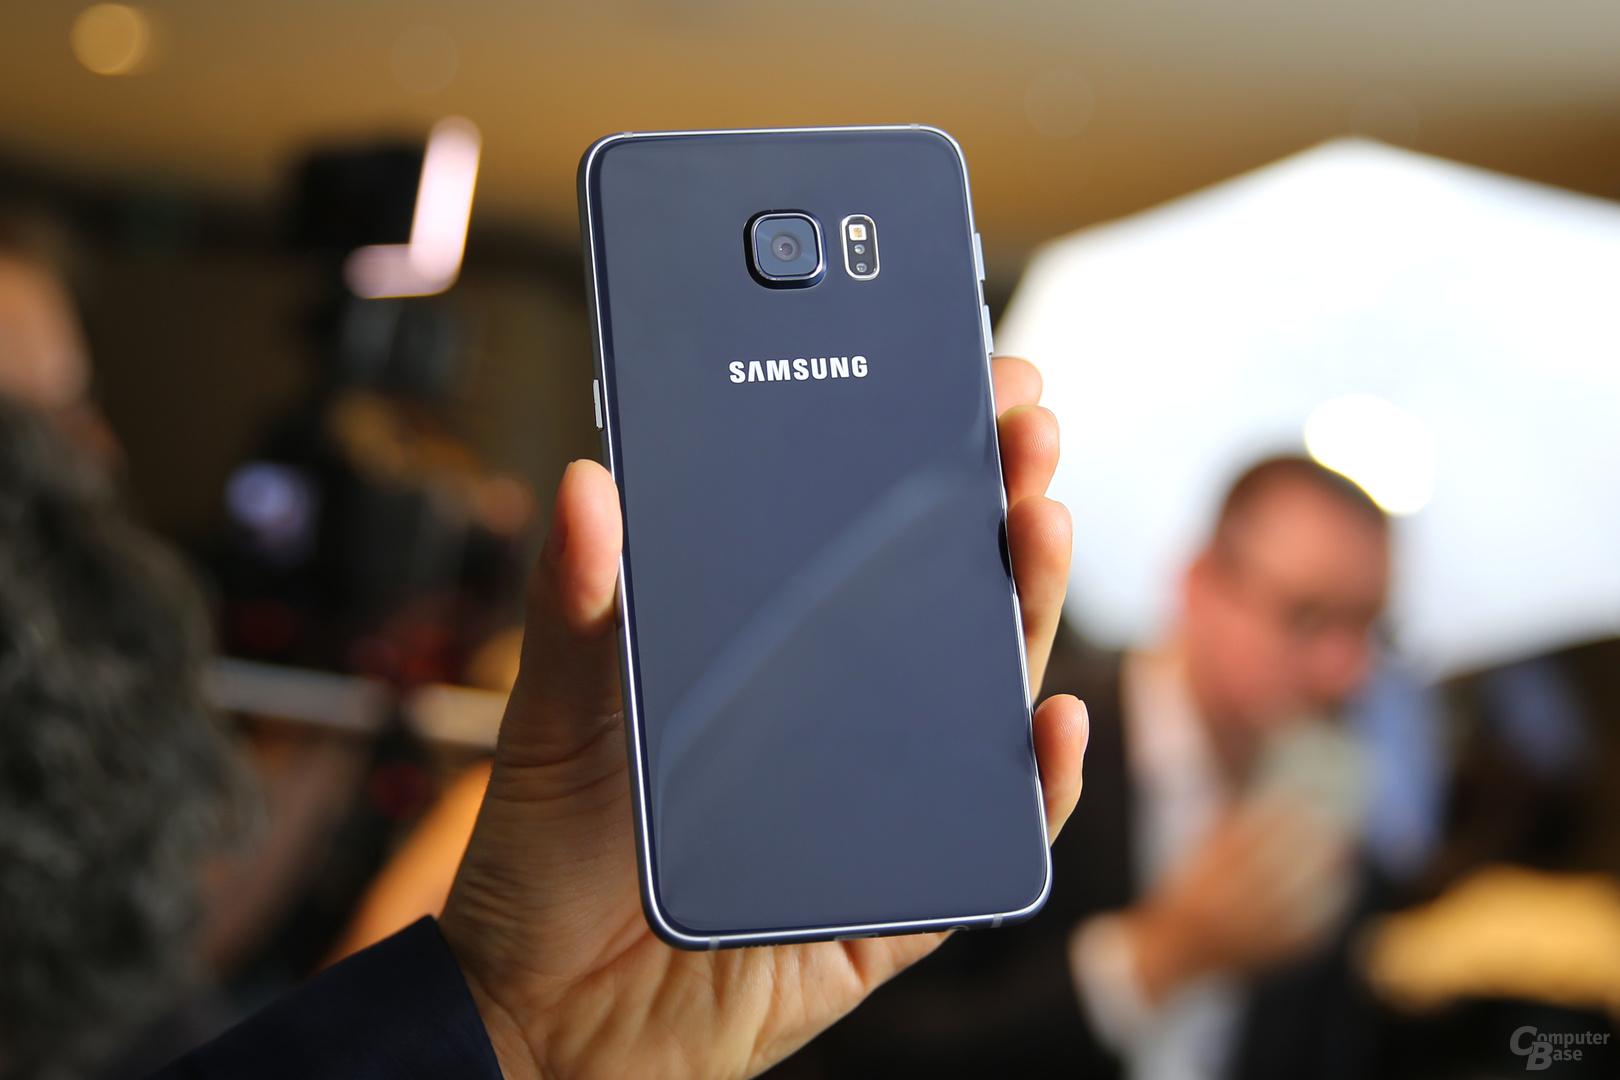 Das Galaxy S6 edge+ sieht wie das Galaxy S6 edge aus – nur größer